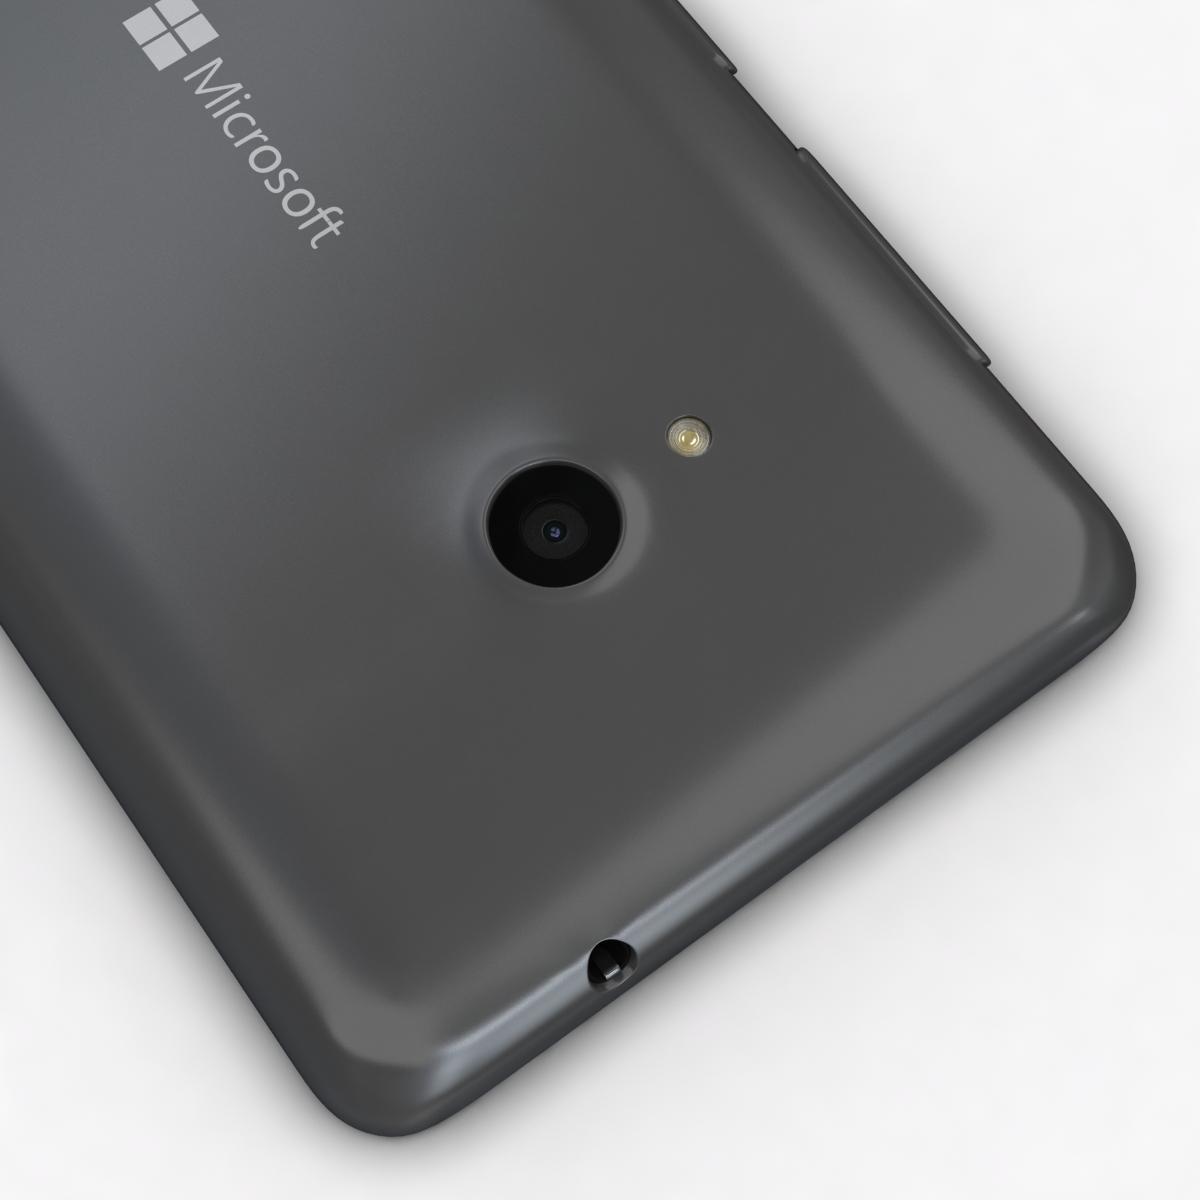 microsoft lumia 535 and dual sim gray 3d model 3ds max fbx c4d obj 204469